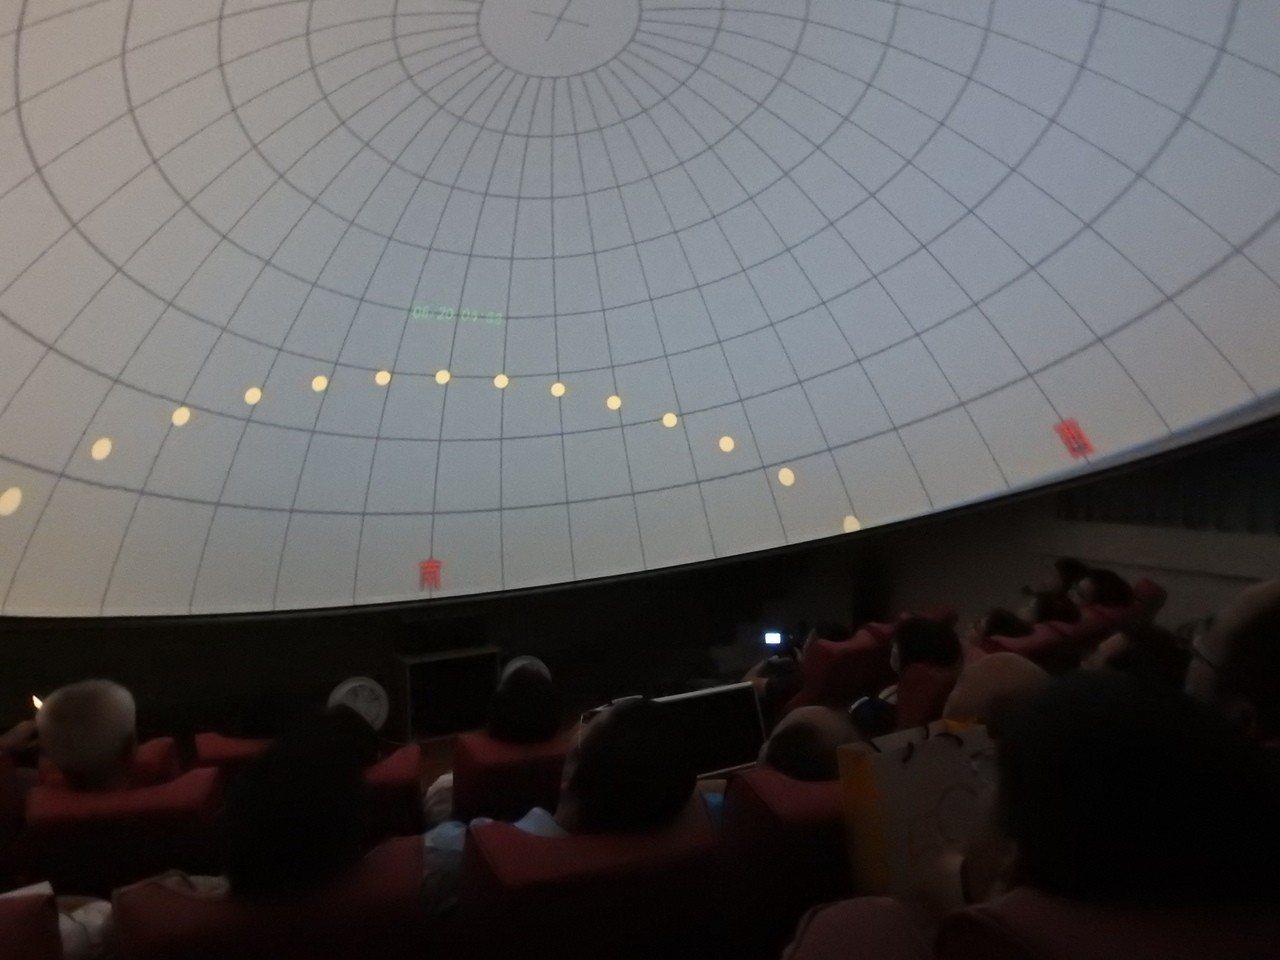 觀眾可躺坐仰望數位星象儀,全天域觀察自然美景或天文科學知識。記者賴香珊/攝影